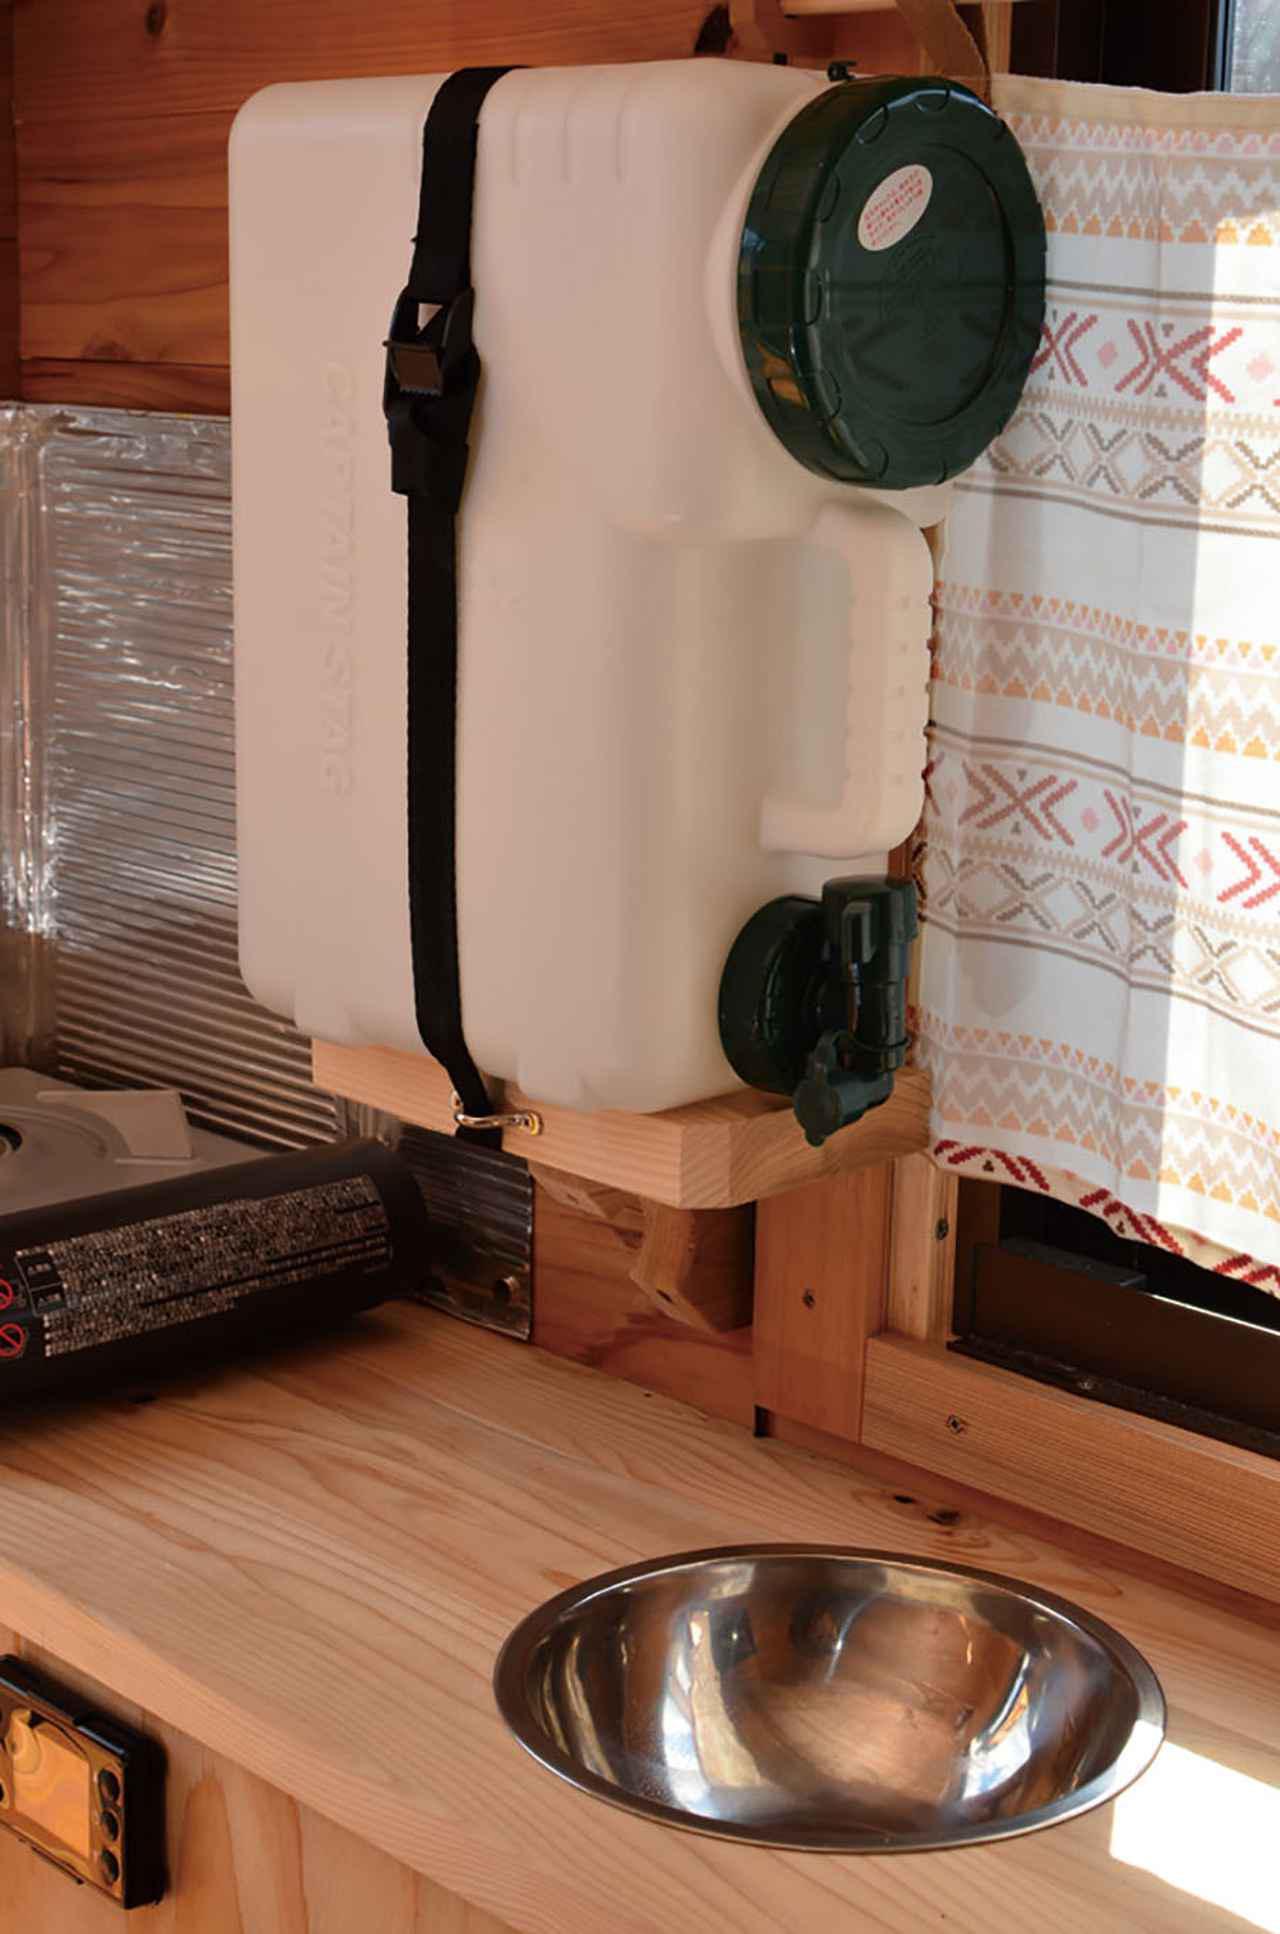 画像2: アイデア満載のキッチン